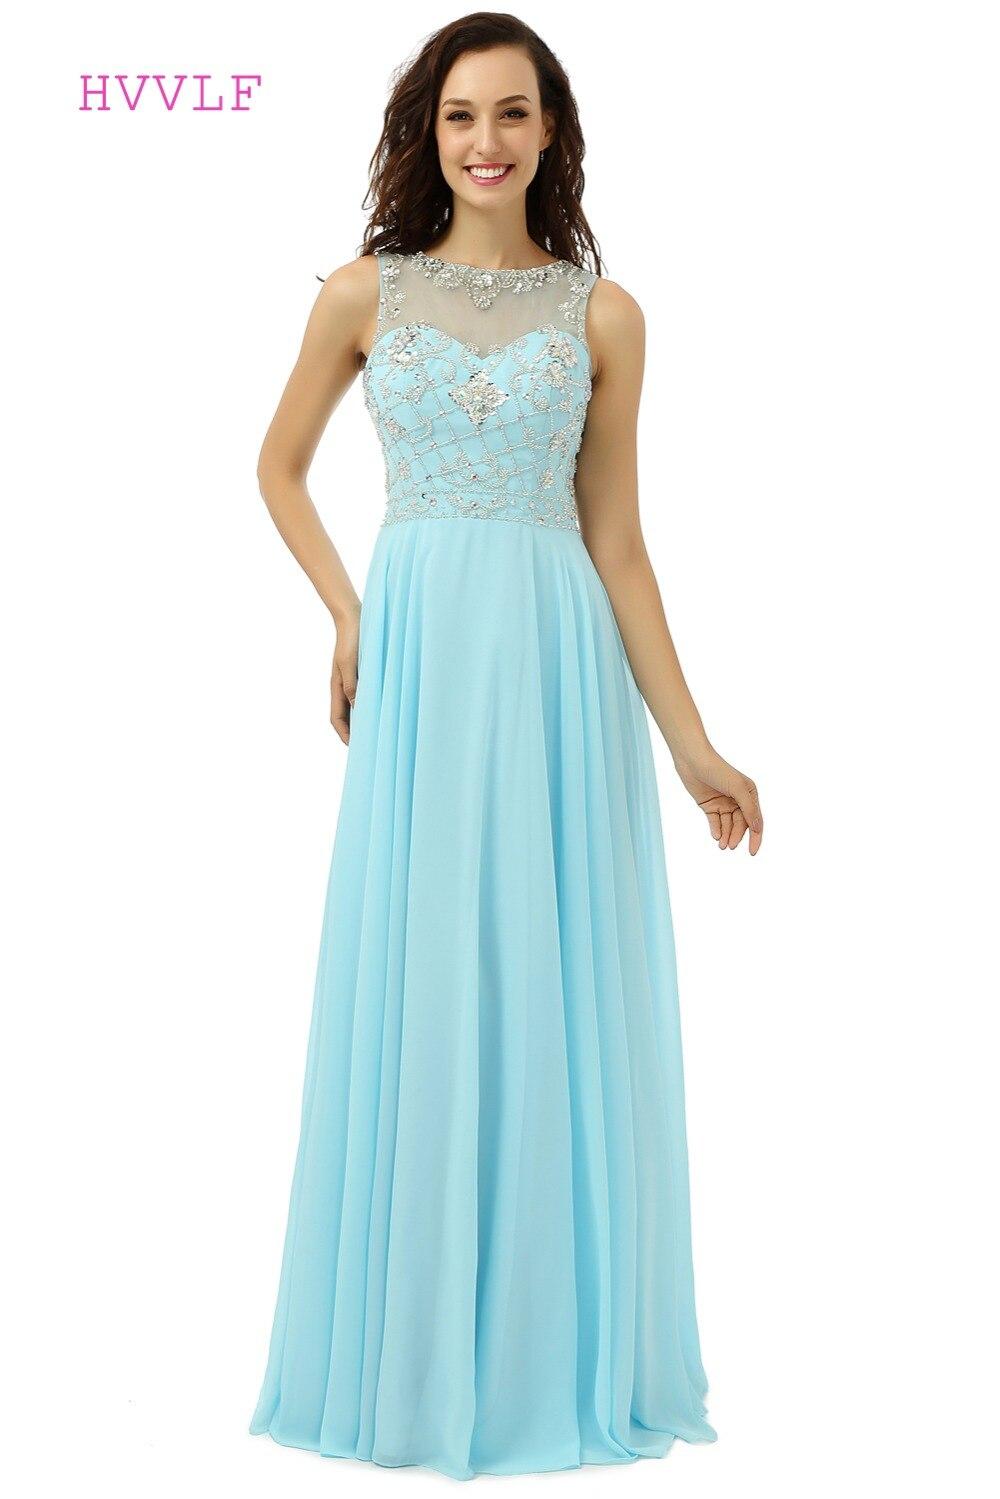 ღ Ƹ̵̡Ӝ̵̨̄Ʒ ღHVVLF Turquoise Evening Dresses 2018 A-line See ...